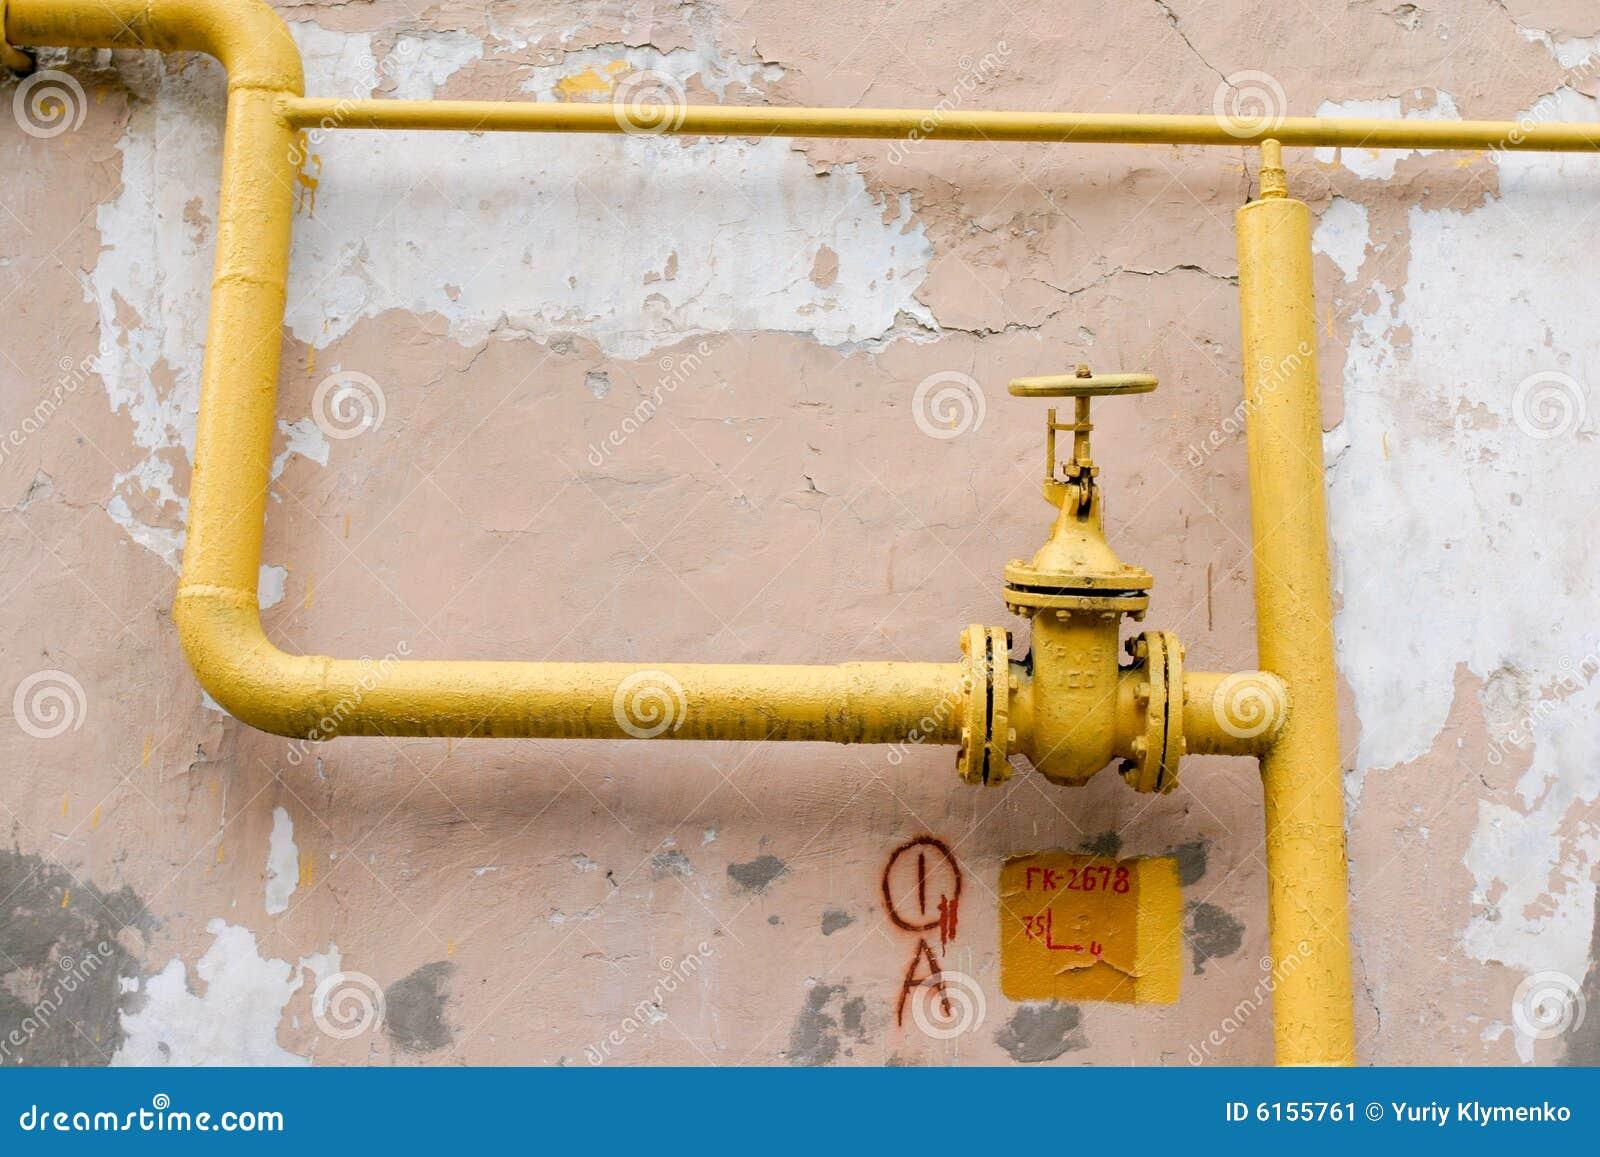 Stara rura gazowa